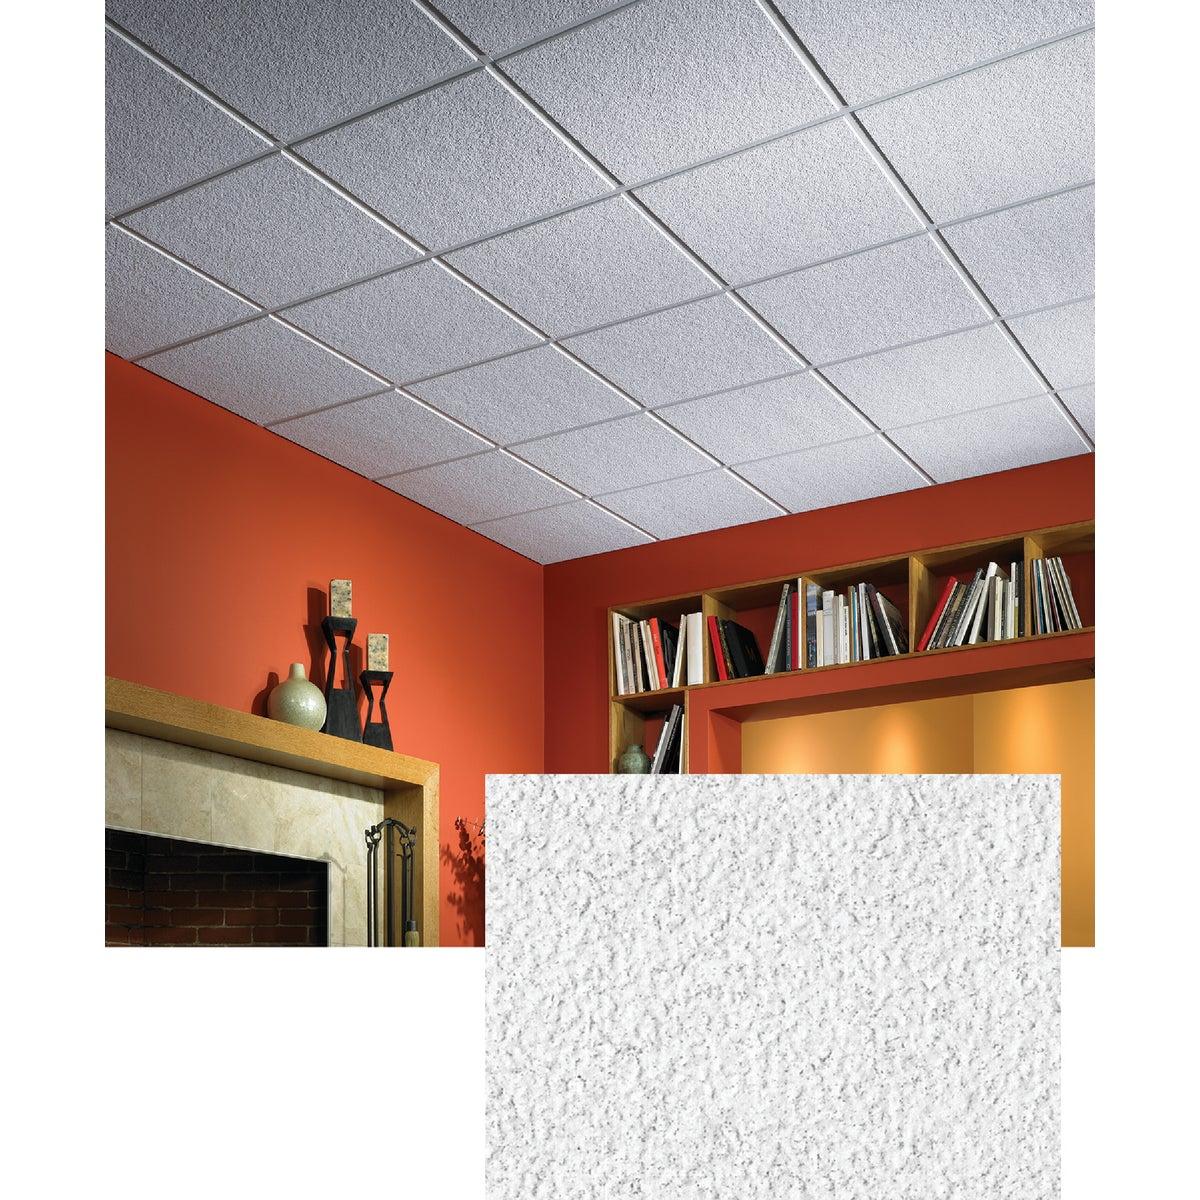 Luna ClimaPlus Suspended Ceiling Tile